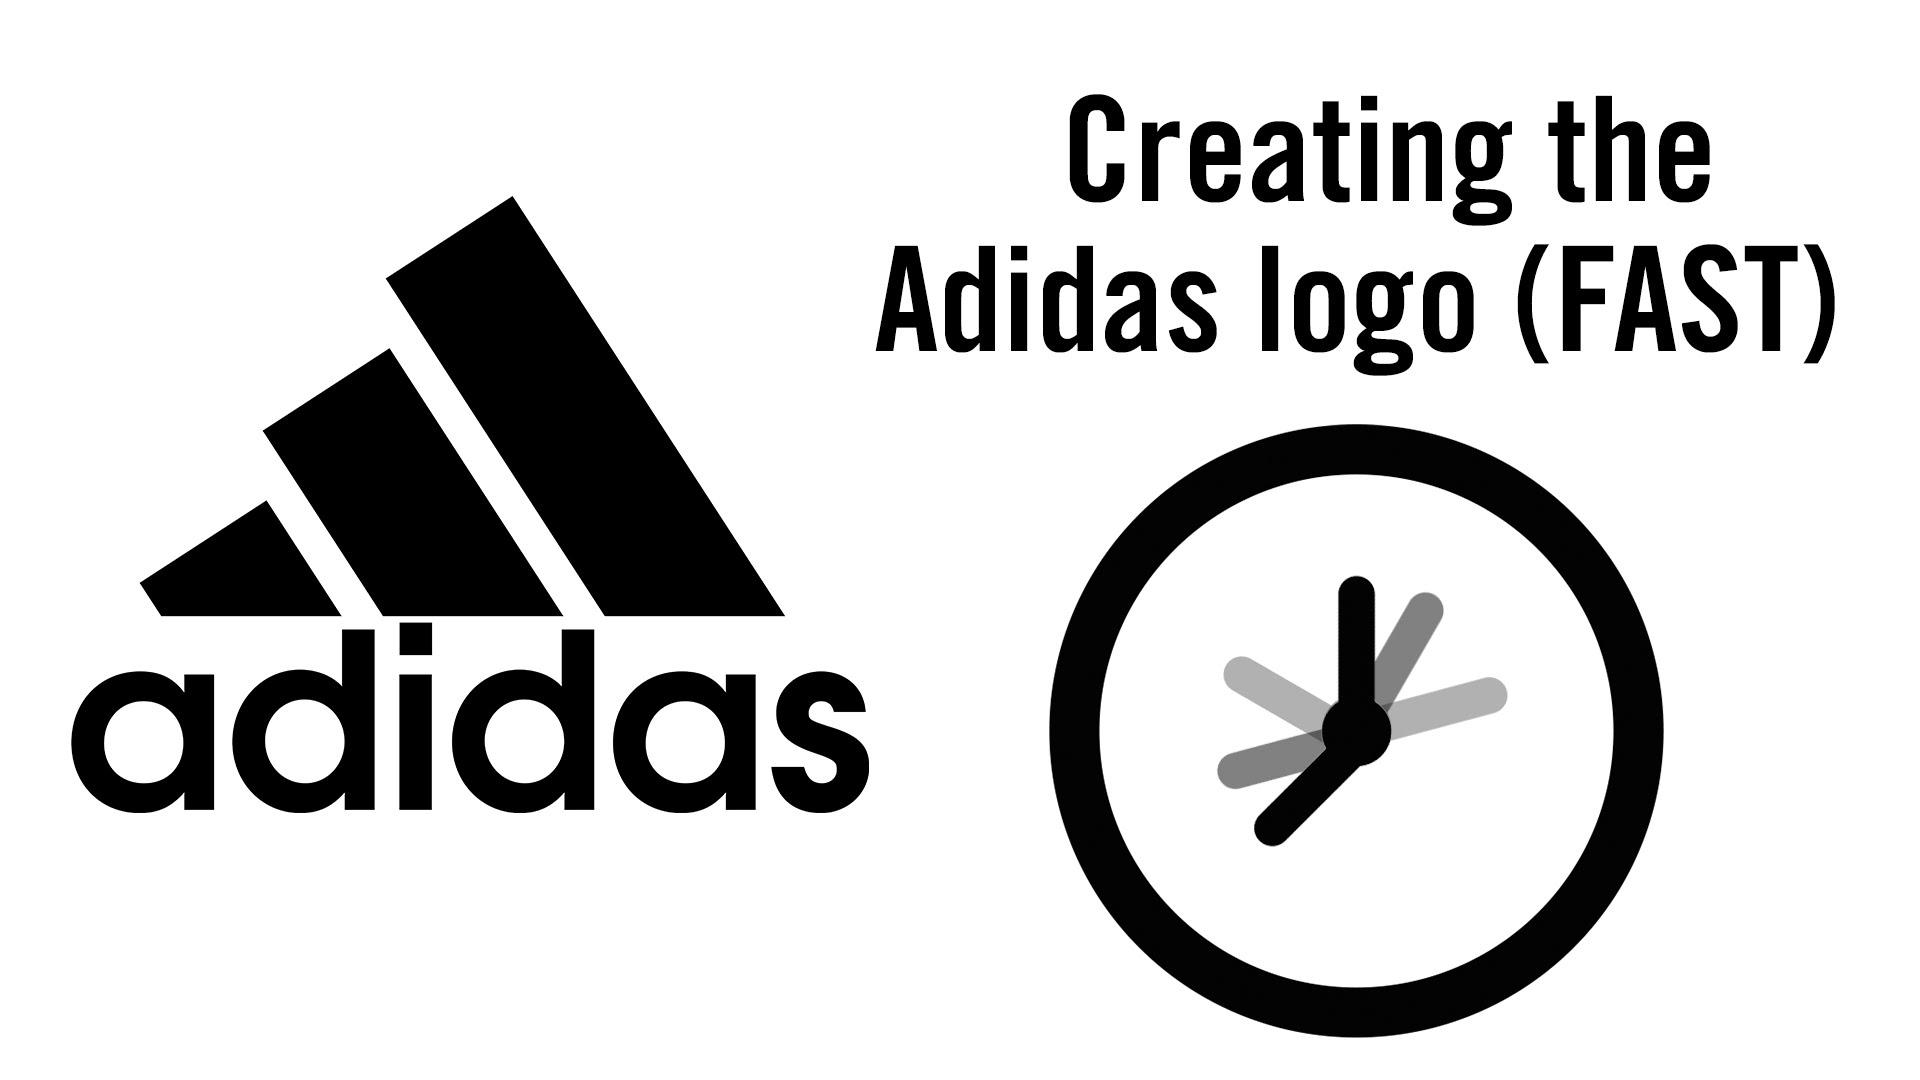 Câu chuyện thú vị đằng sau logo của hãng giày adidas